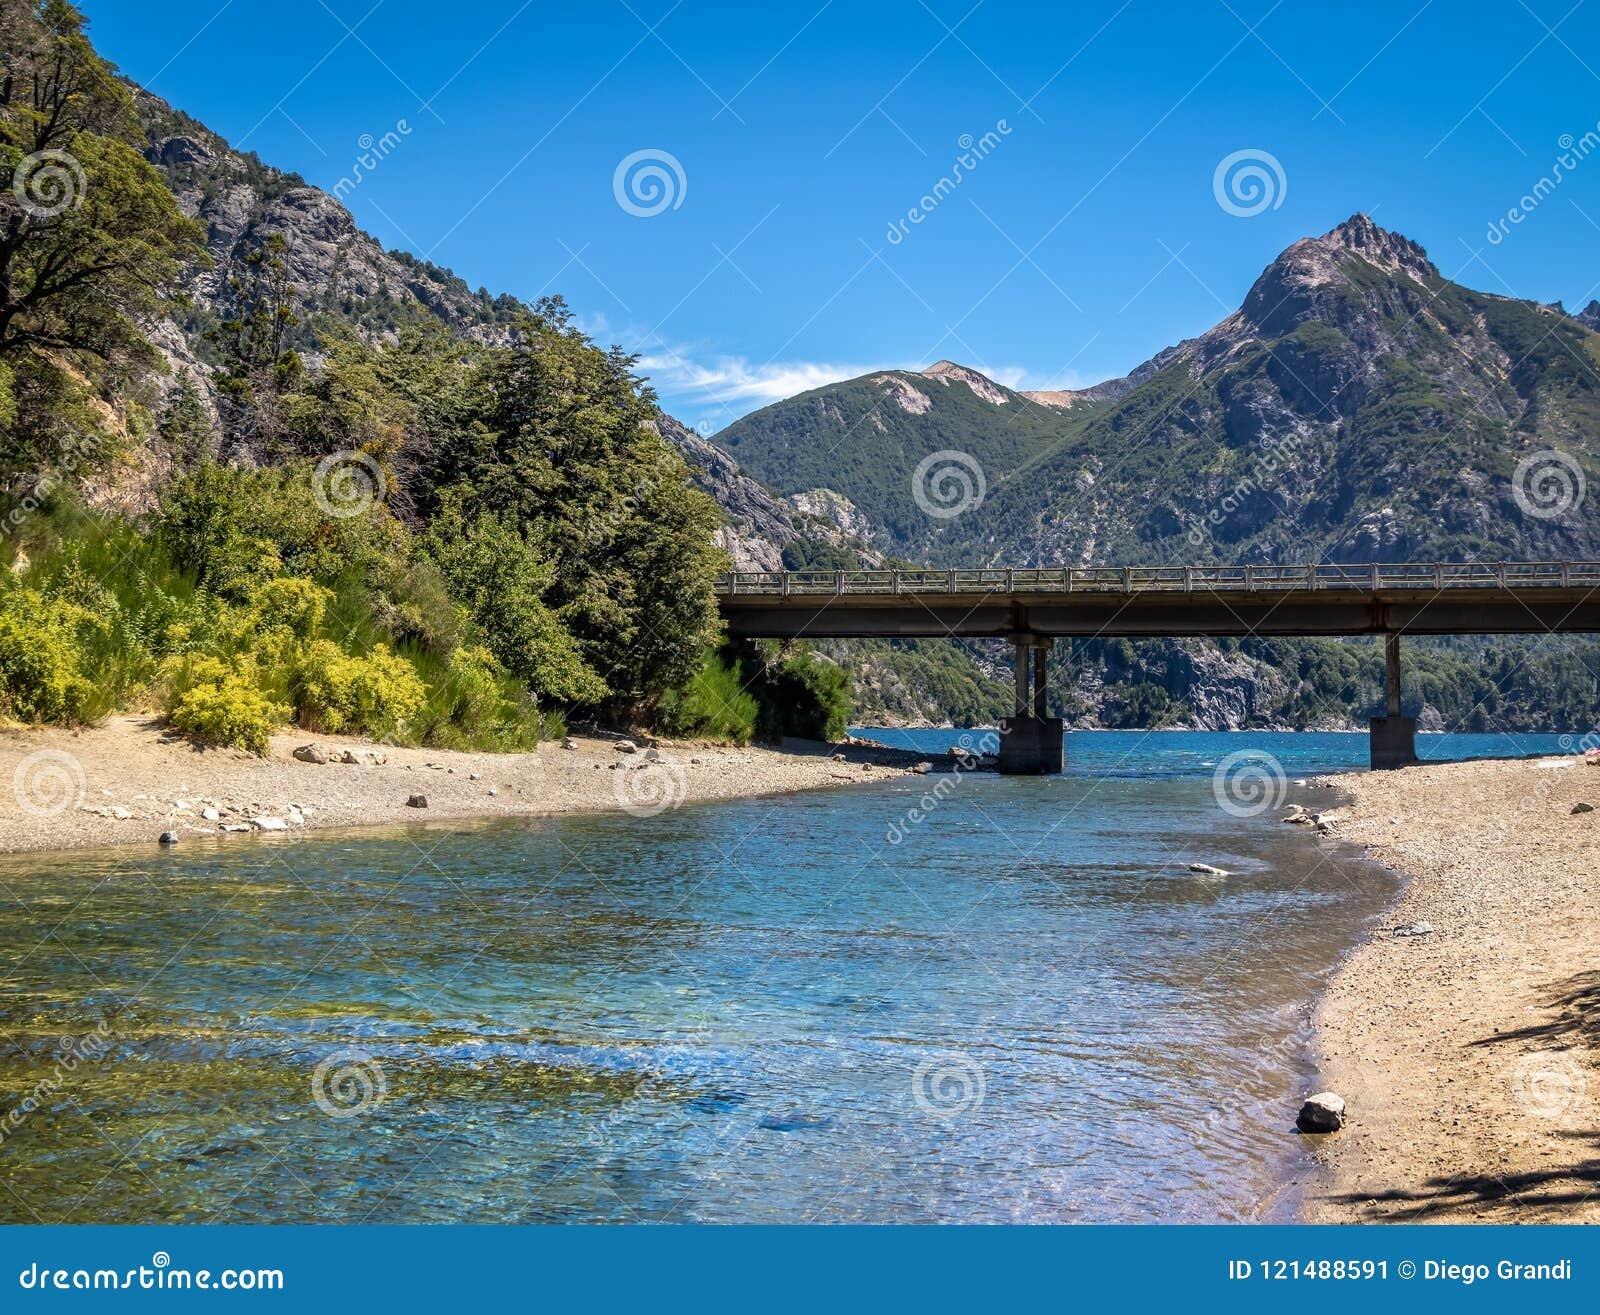 Circuito Chico : Puente de angostura del la de arroyo en circuito chico bariloche